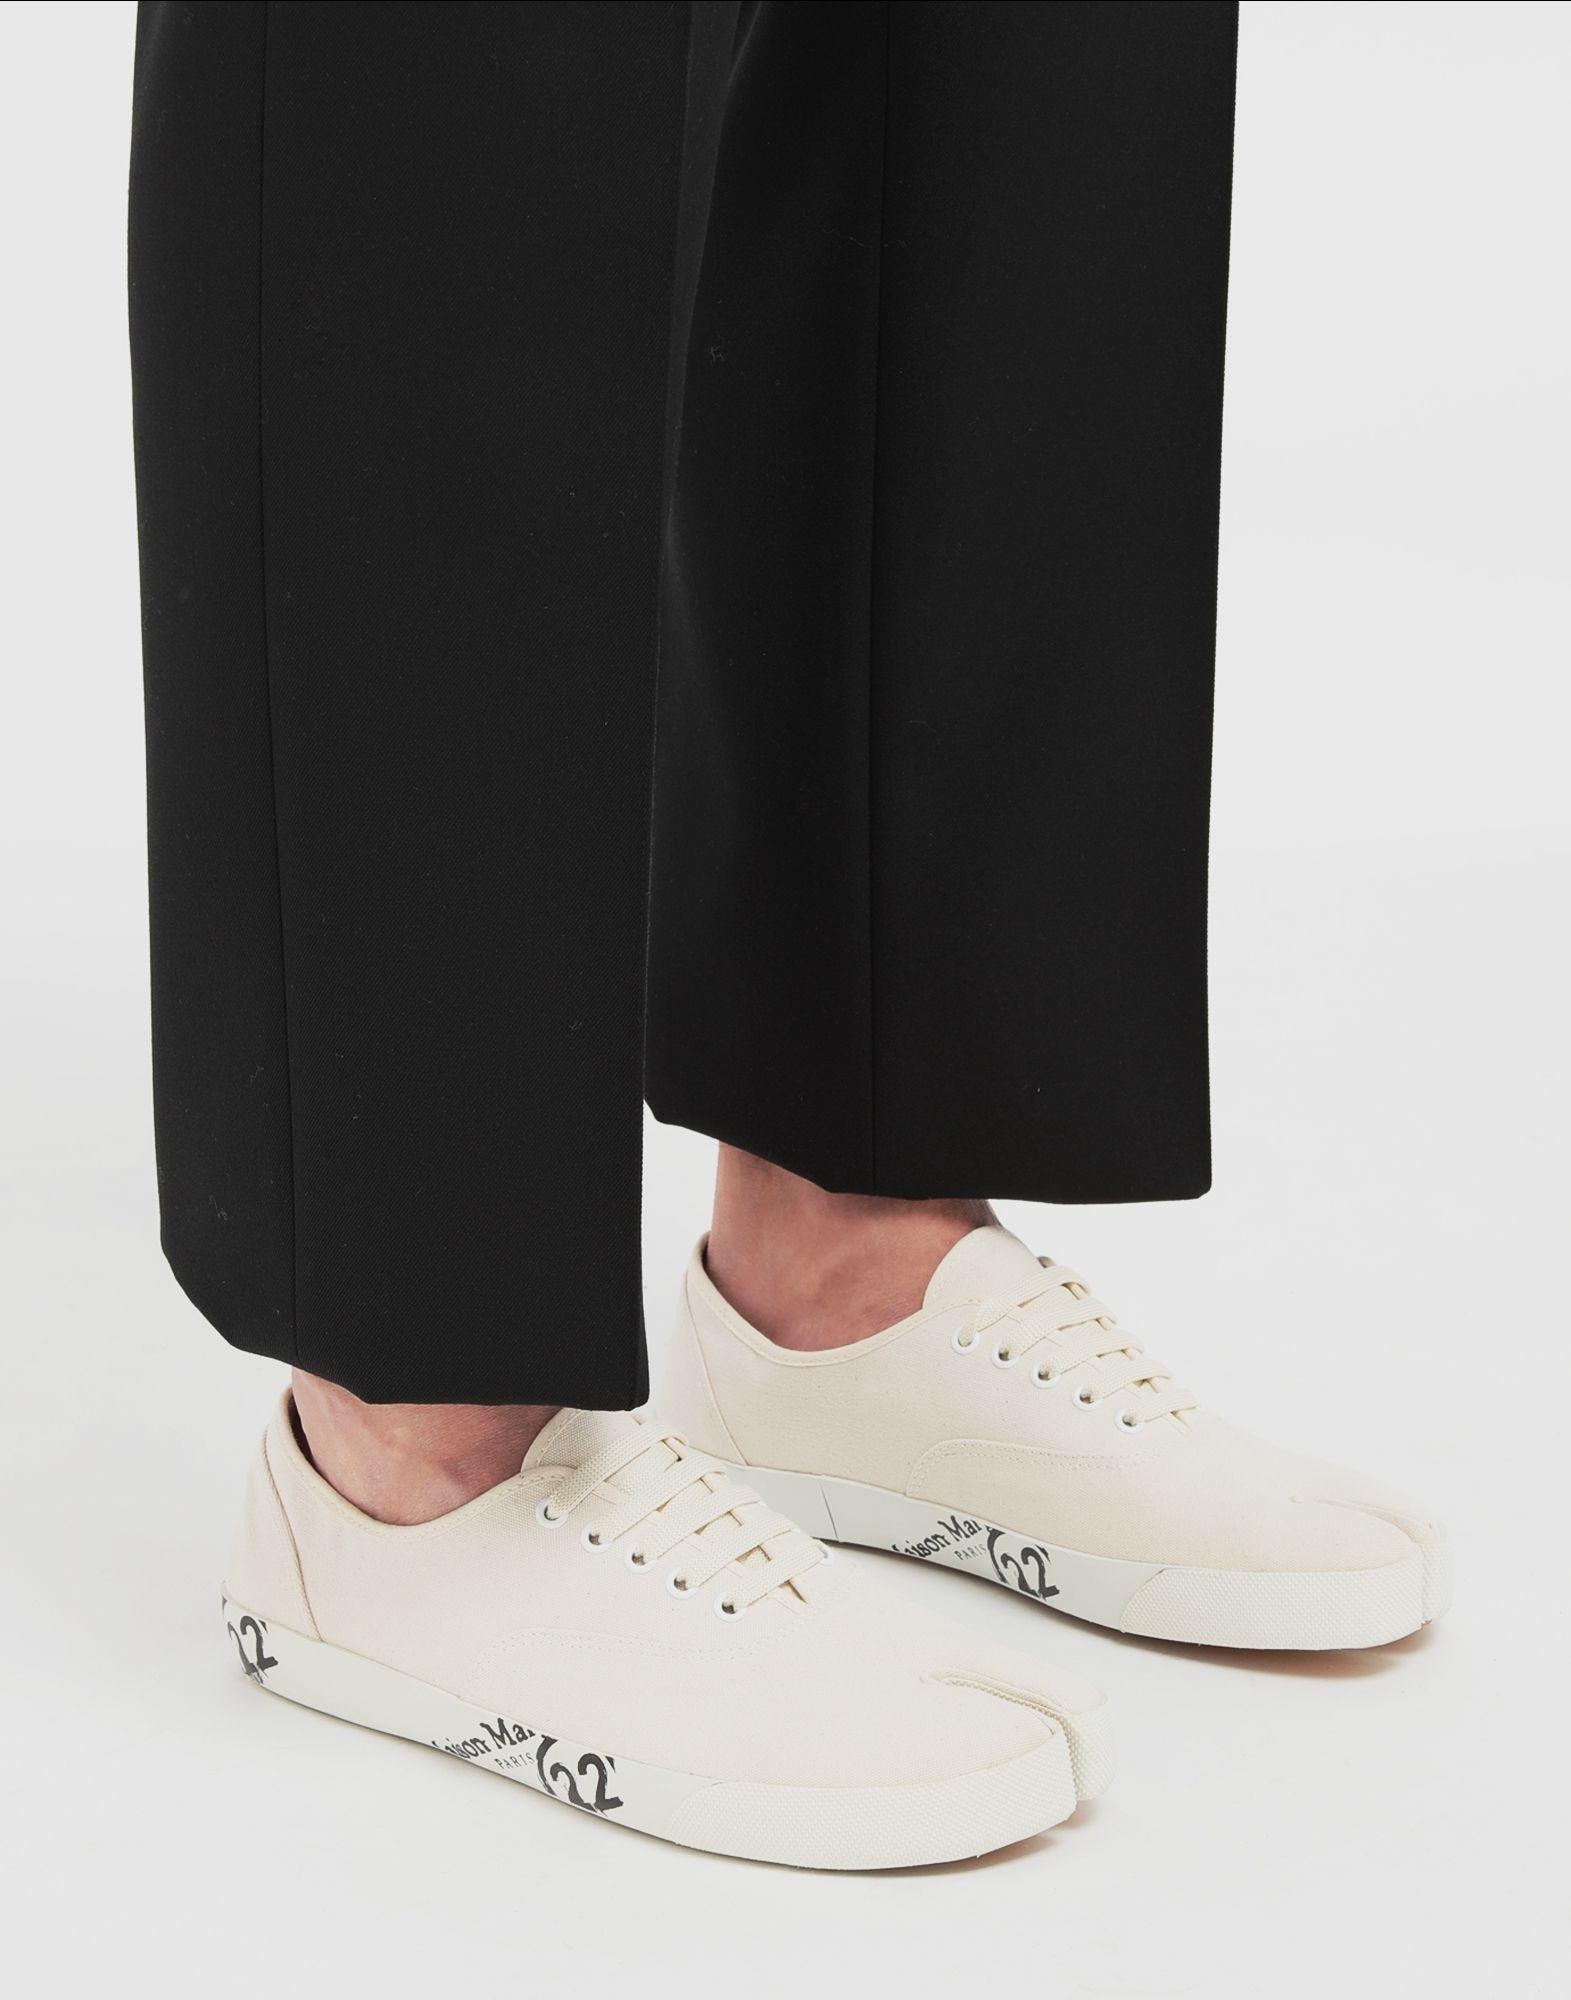 MAISON MARGIELA Schnürschuhe Tabi Sneakers Tabi Herren b